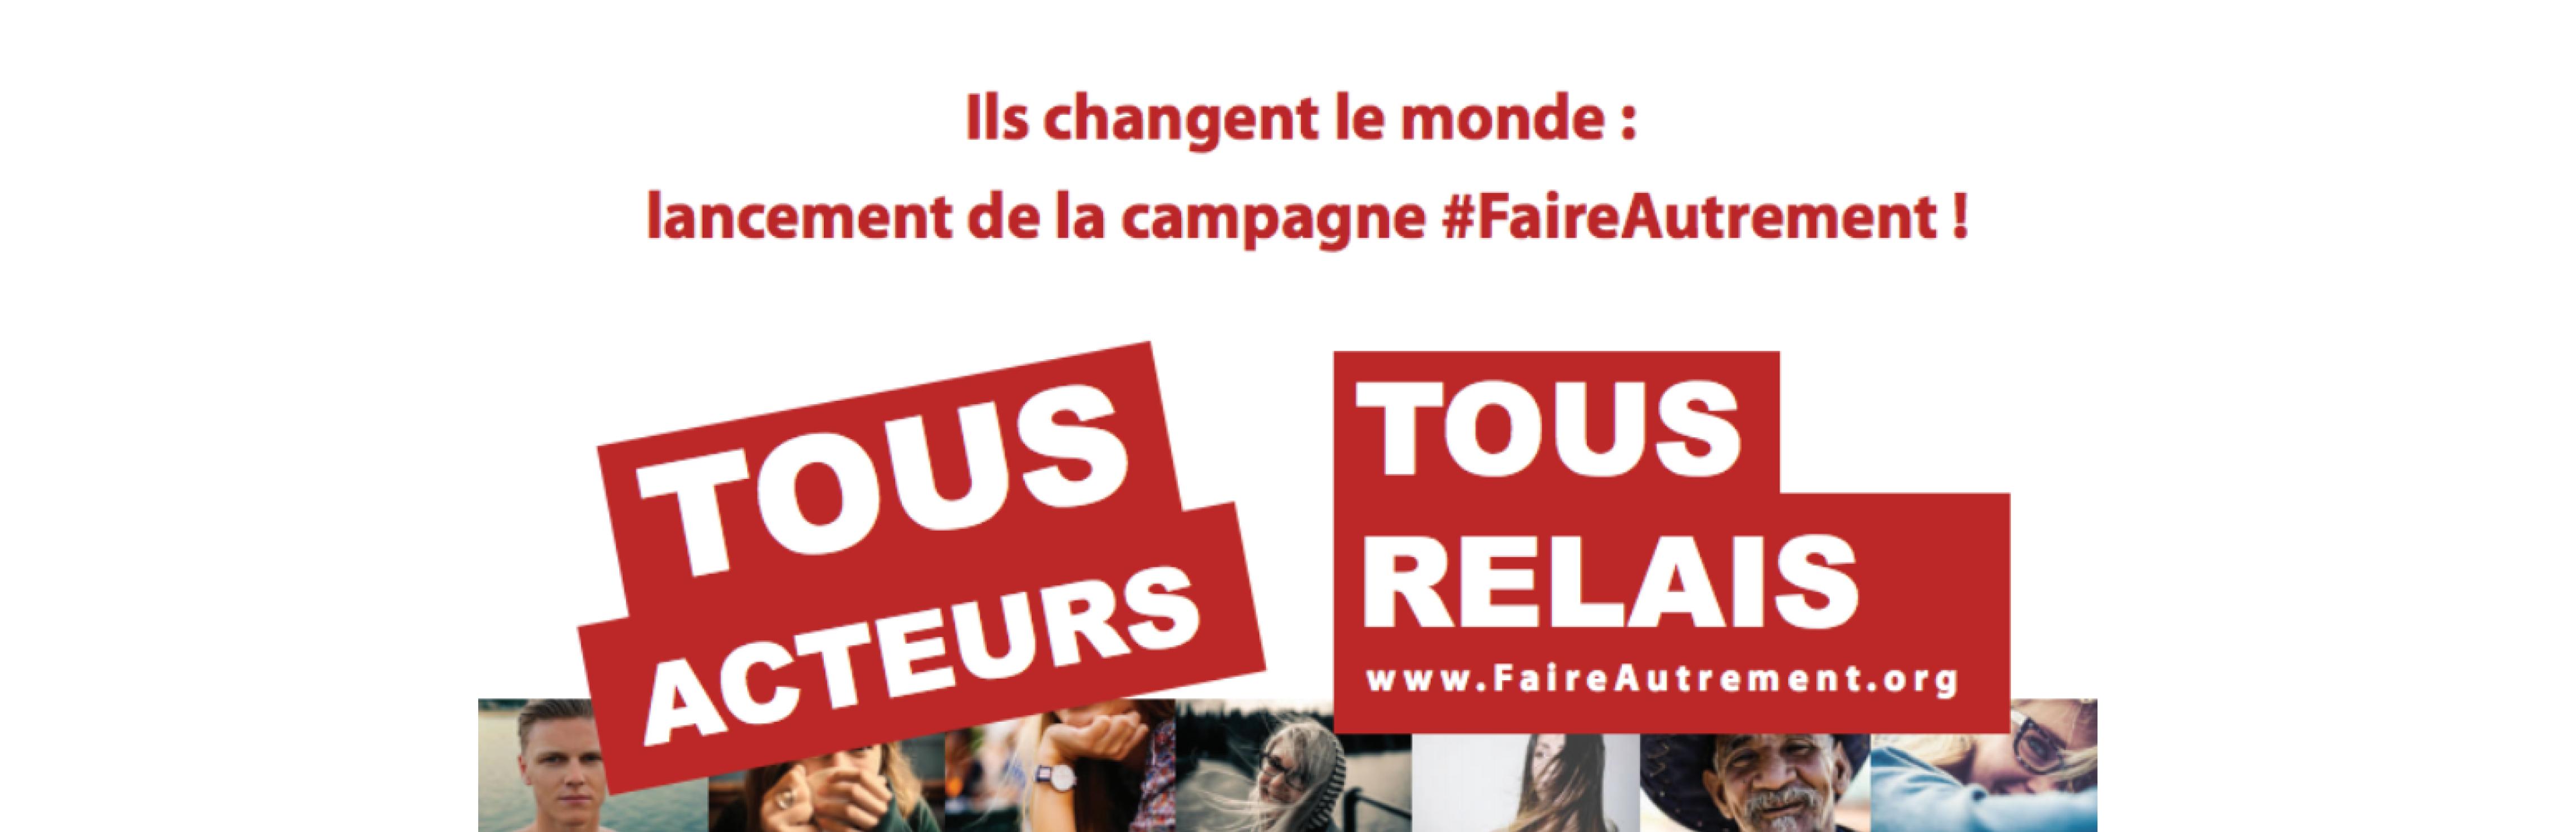 #Faireautrement